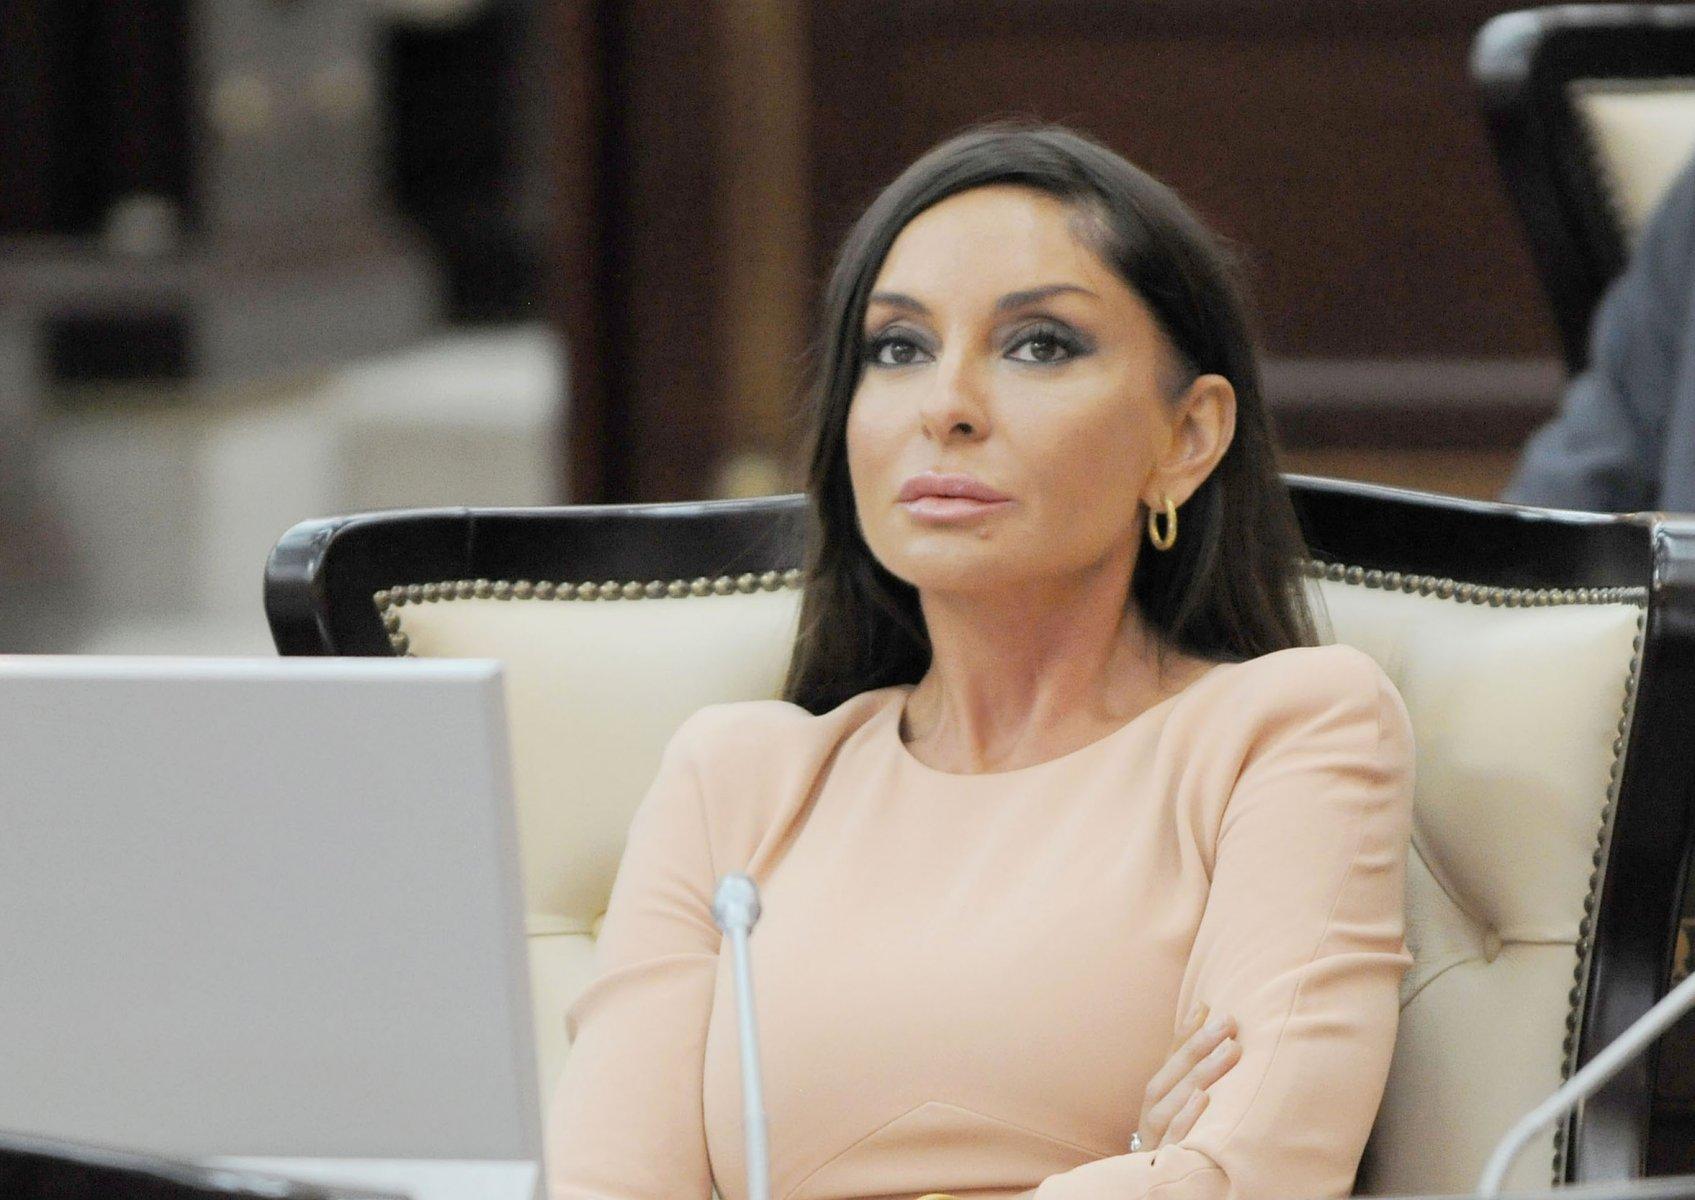 Женщина, которая готова соперничать с Меланией Трамп по части шика и вкуса – первая леди Азербайджана!